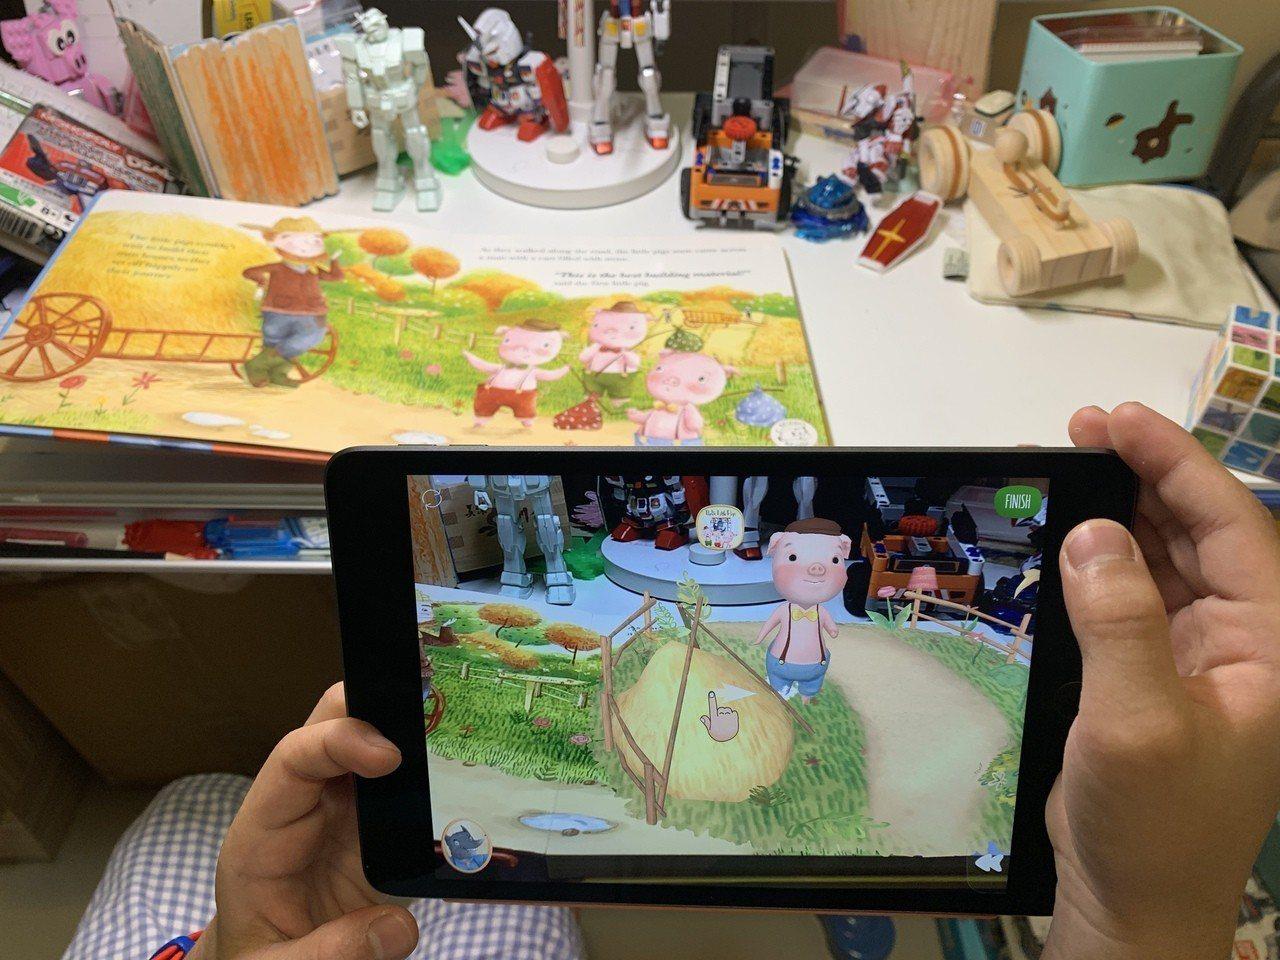 奇幻投影AR立體書搭配專屬App,平面的書籍立刻變成立體動態的故事。記者黃筱晴/...